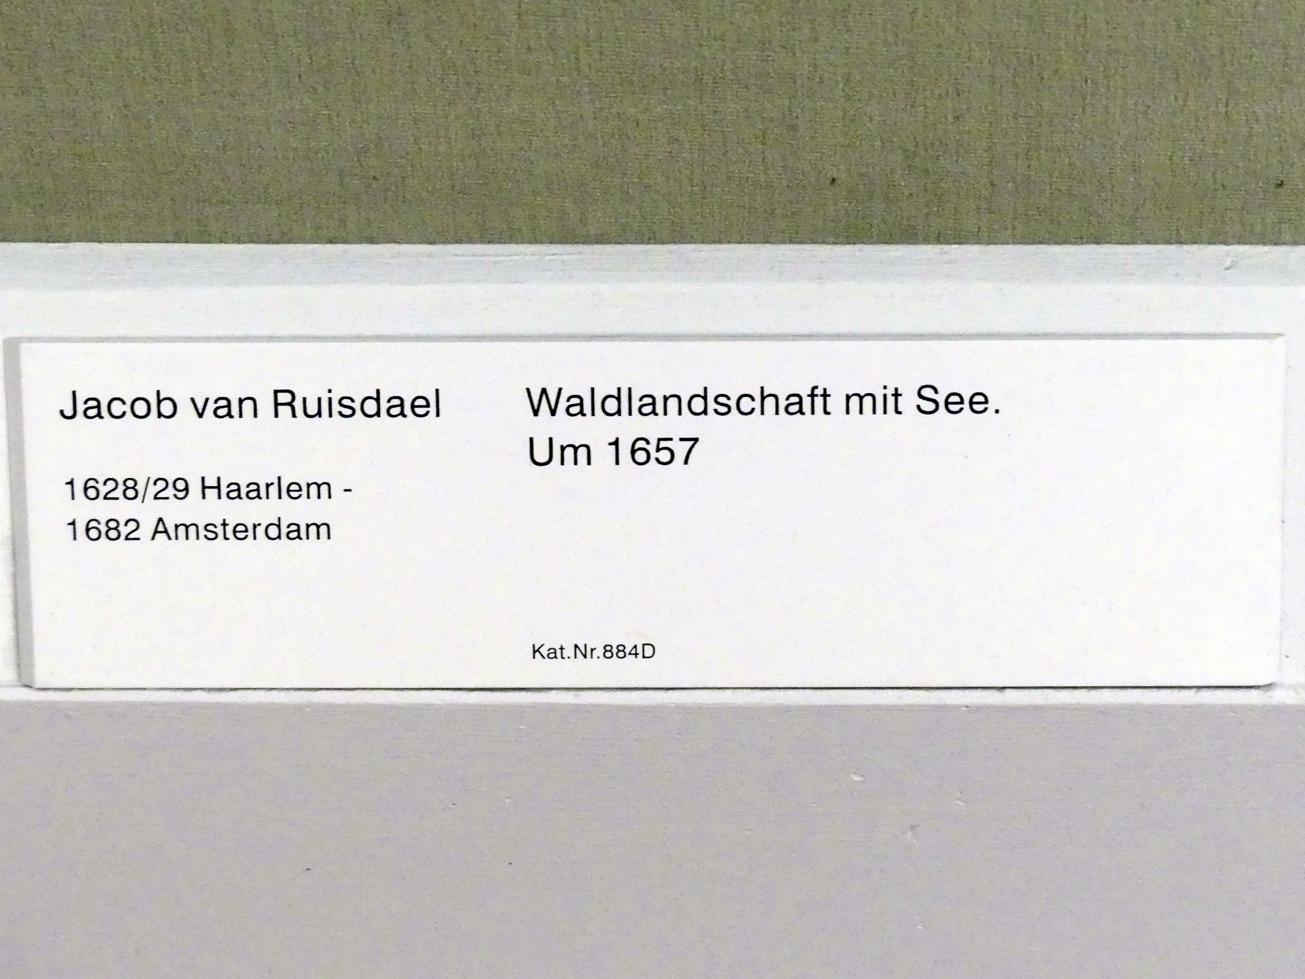 Jacob van Ruisdael: Waldlandschaft mit See, um 1657